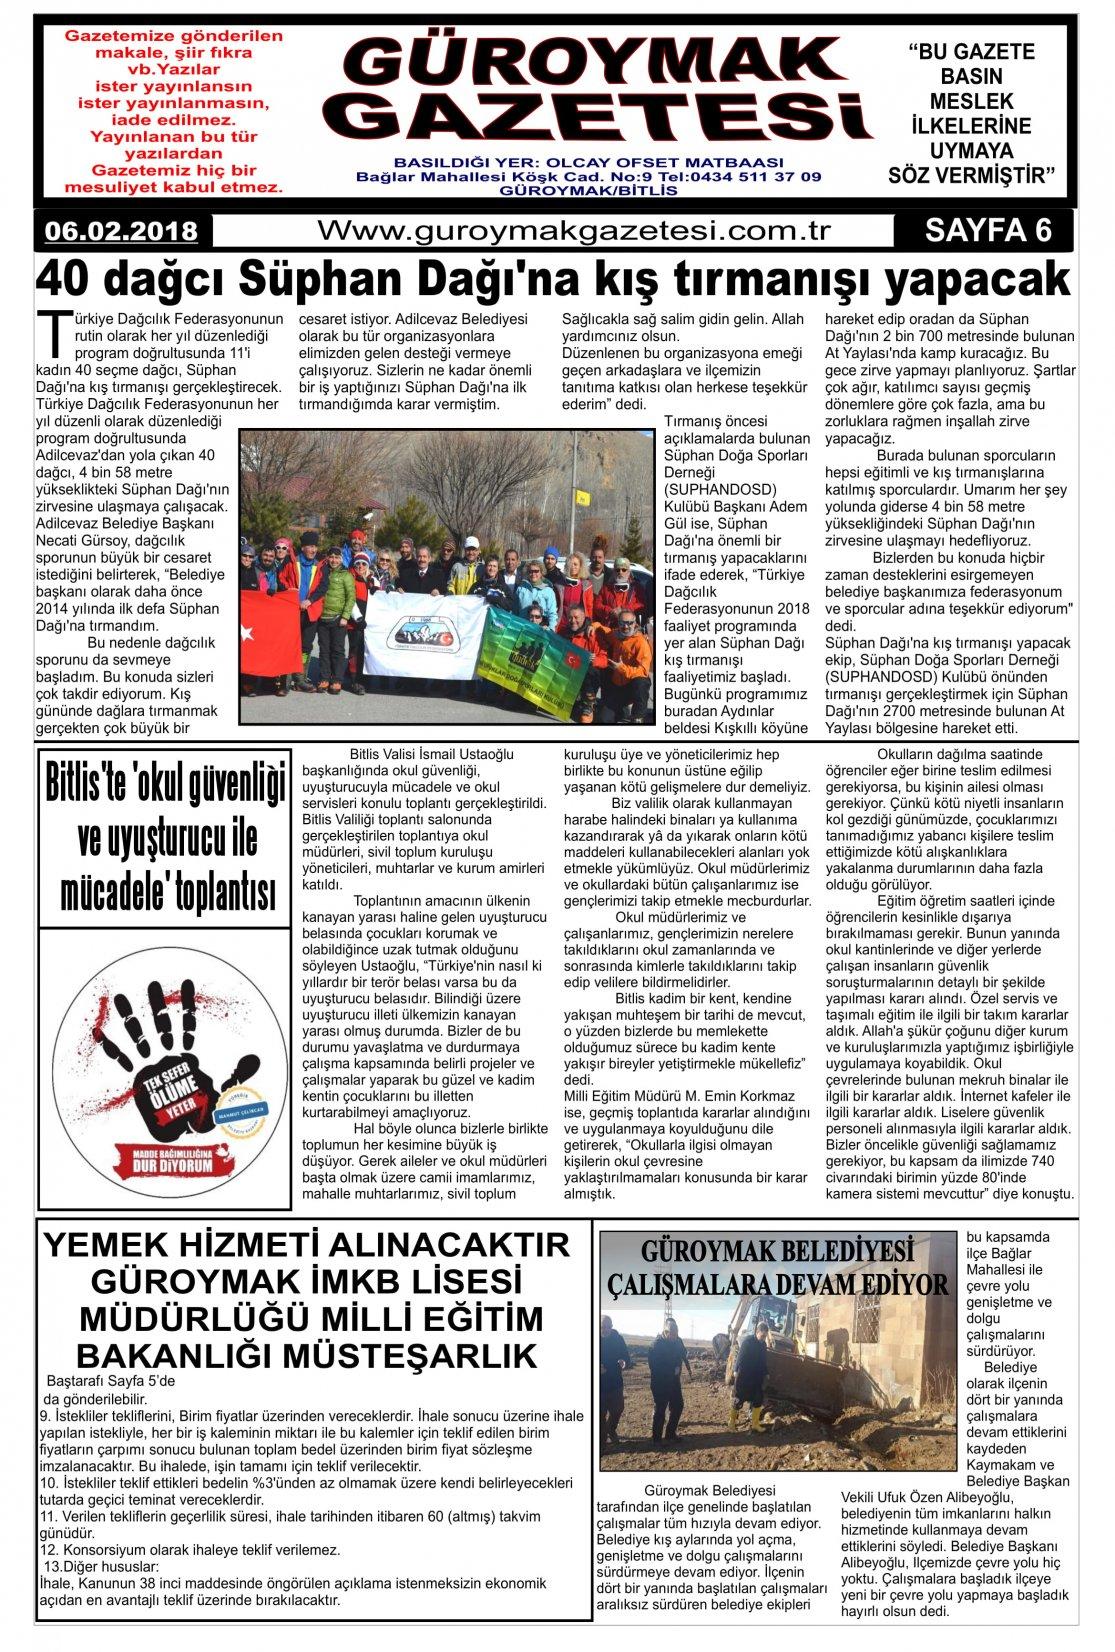 Güroymak Gazetesi 6.jpg Sayılı Gazete Küpürü